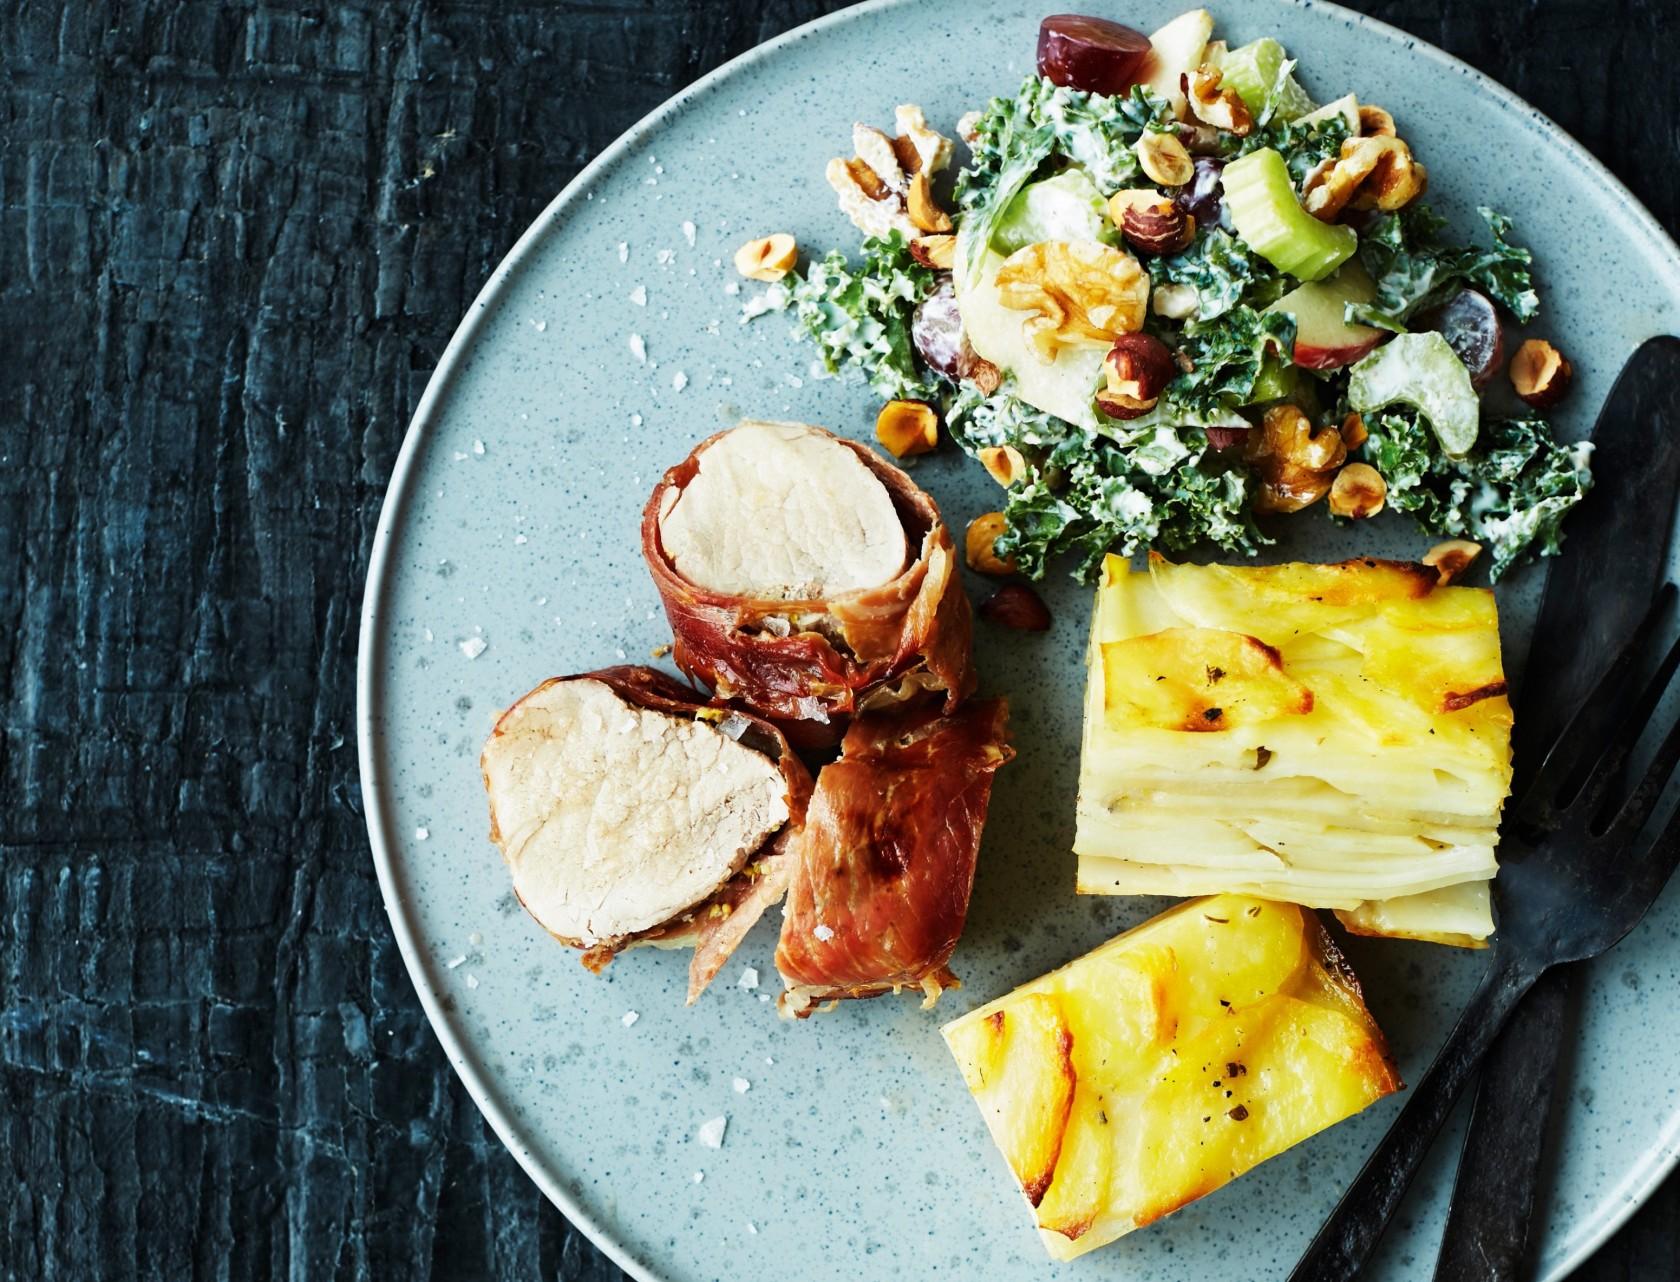 Pommes anna med svinemørbrad og waldorfsalat